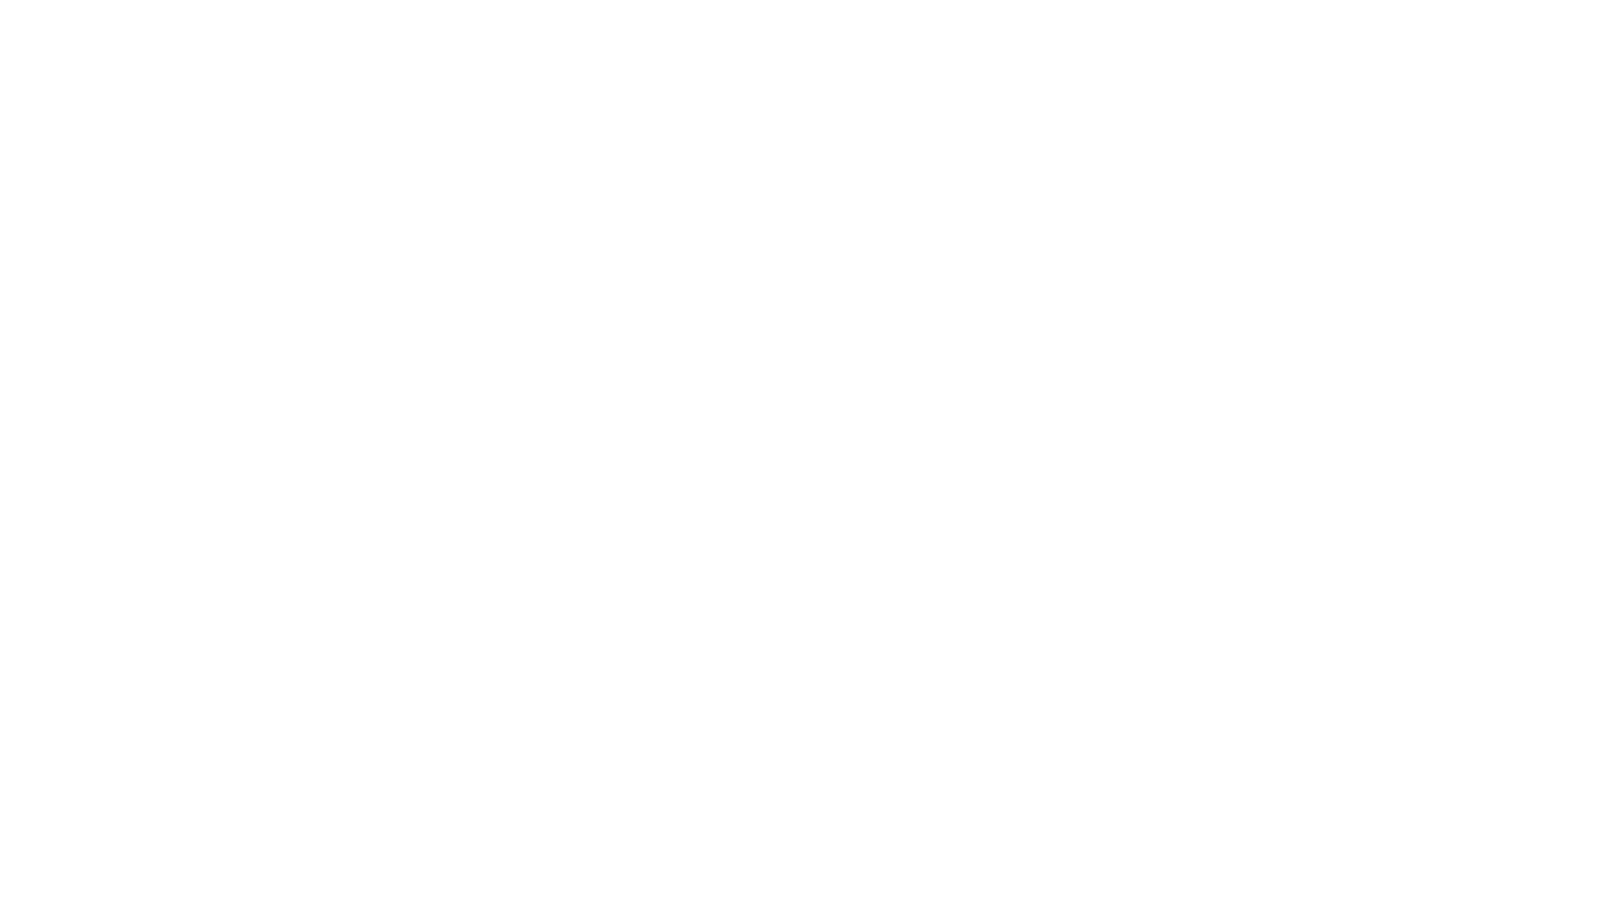 Nosso #papodebelezanobanheiro hoje é com Minikita que professora de pilates, idealizadora do PilatesFit e Sculpt Fitness. Monikita arrasa quando o assunto é definir o corpo com saúde, mas hoje ela vai dividir com a gente segredinhos de beleza compro exemplo usar shampoo Johnson's para o rosto. quer saber mais? Borá apertar o play! Ainda não assistiu aos nossos papos de beleza? Segue link com todos nossos papos para você maratona e descobrir dicas super bacanas de beleza com influentes, profissionais de beleza, homens e mulheres.  Parada de Beleza no YouTube:https://www.youtube.com/channel/UCh_oxdYWgrX_HpmW9WJtMGg?view_as=subscriber Instagram:https://www.instagram.com/paradadebeleza/ Instagram:https://www.instagram.com/bypriscilamiguel/ Edição:https://www.instagram.com/mfilmespro/